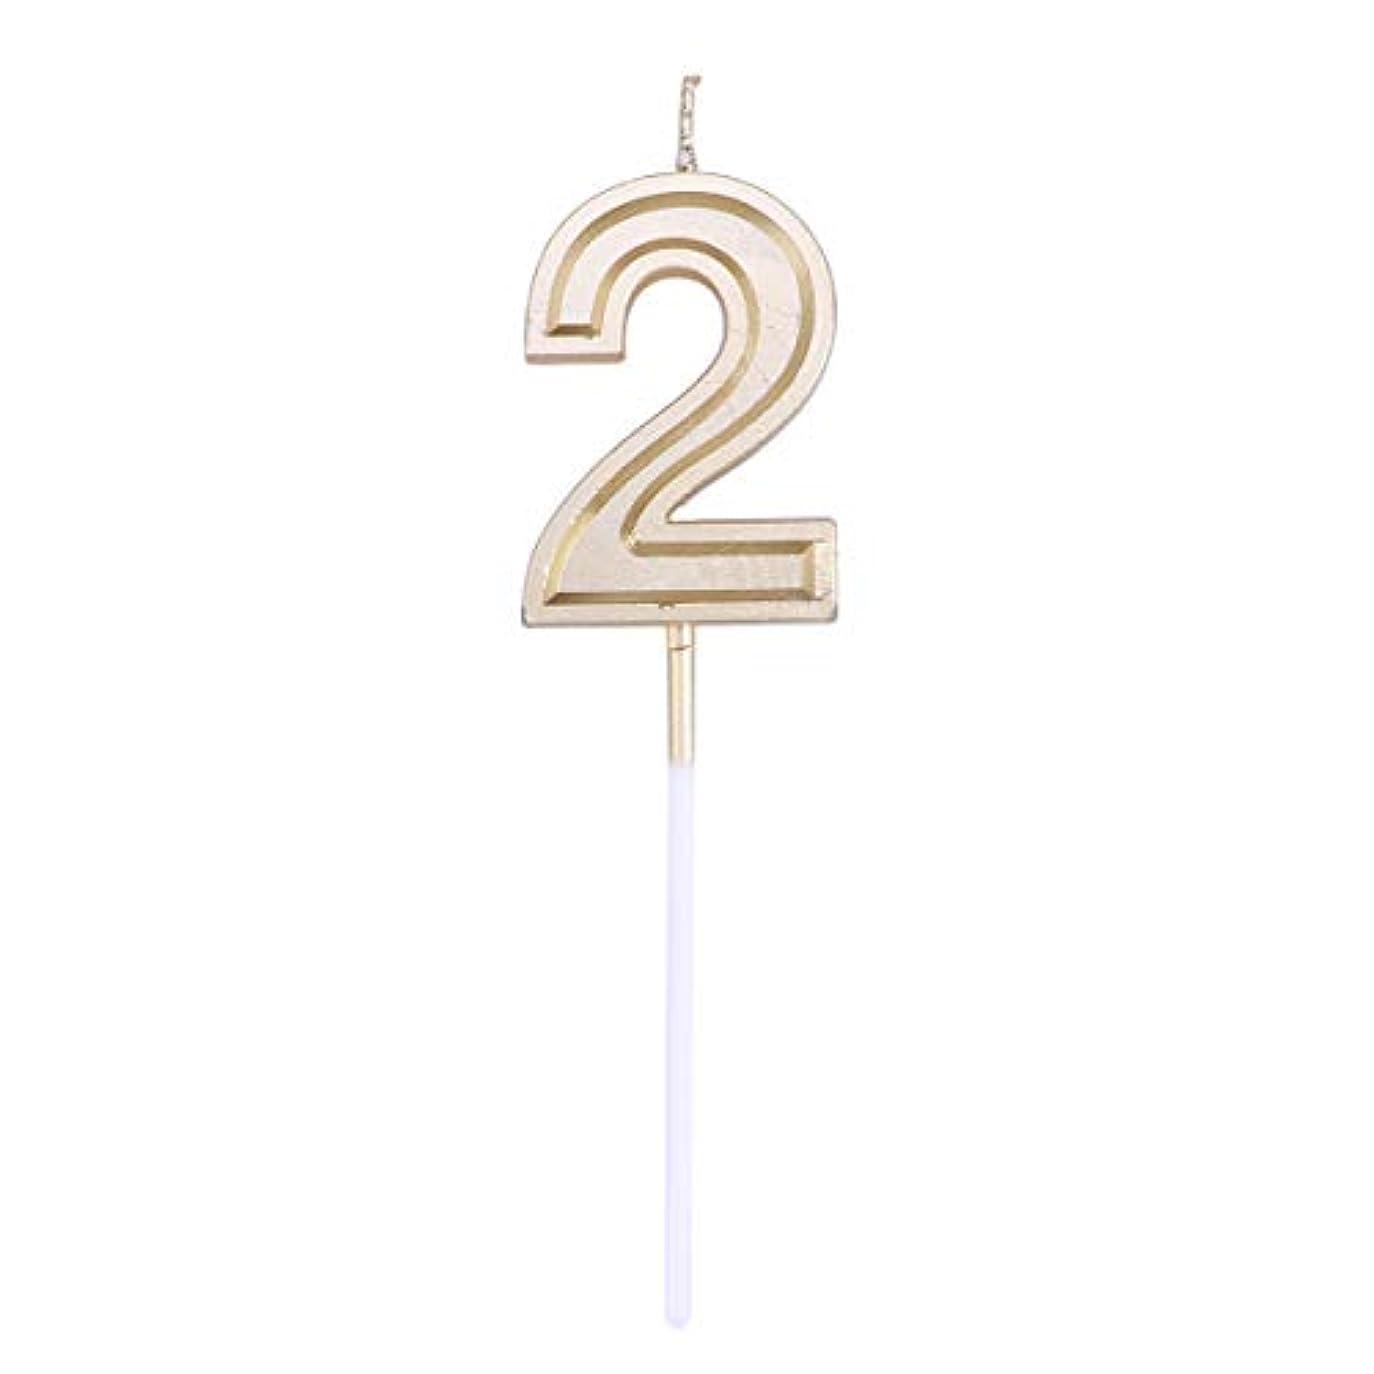 ガード大学生マウントバンクToyvian ゴールドラメ誕生日おめでとう数字キャンドル番号キャンドルケーキトッパー装飾用大人キッズパーティー(ナンバー2)